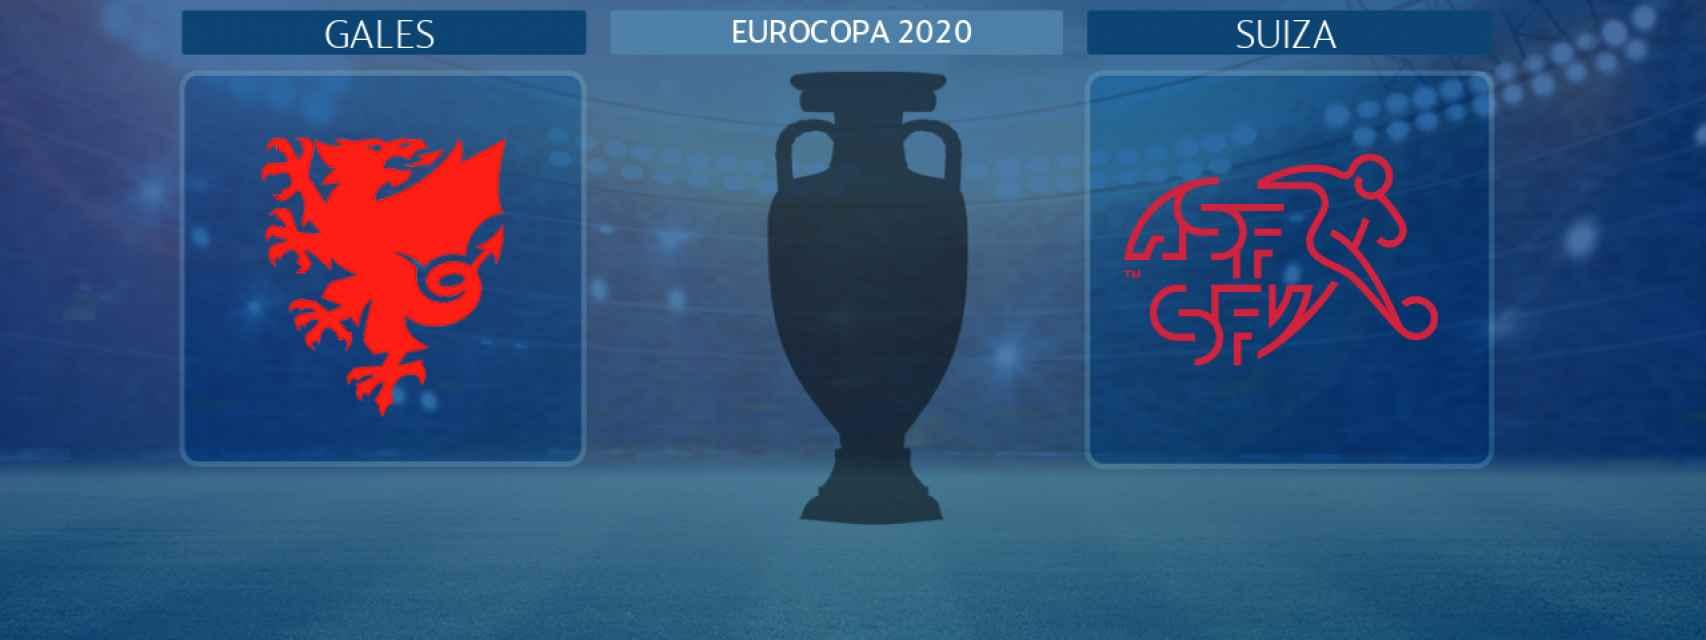 Gales - Suiza,  partido de la Eurocopa 2020